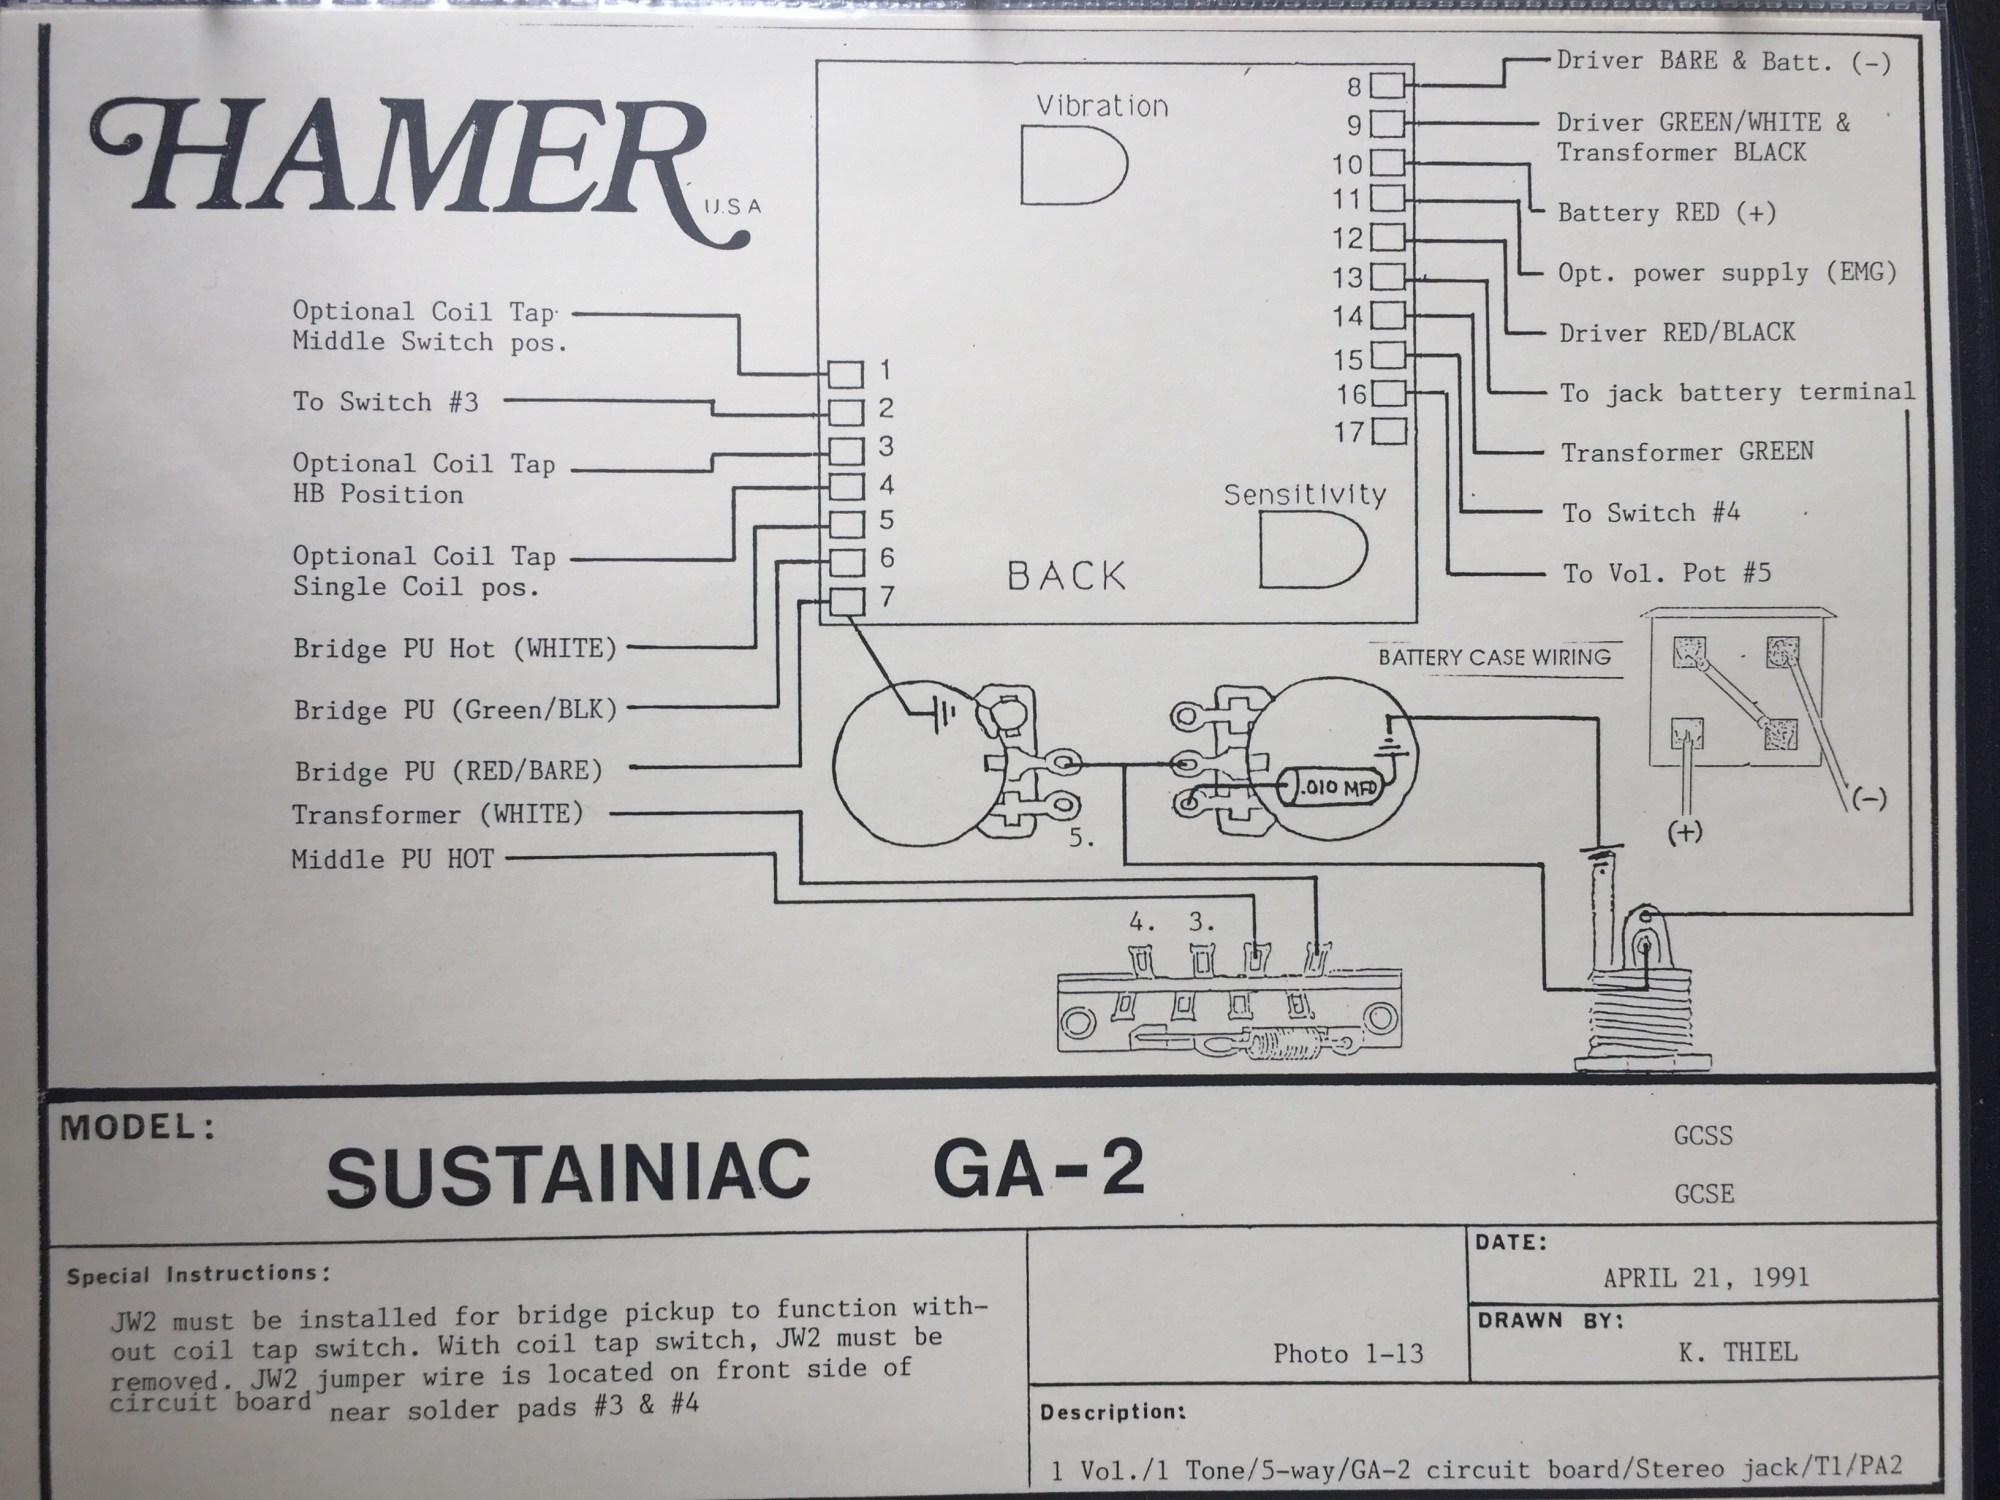 hight resolution of hamer wiring schematics wiring diagram dat hamer wiring diagram wire management wiring diagram hamer wiring